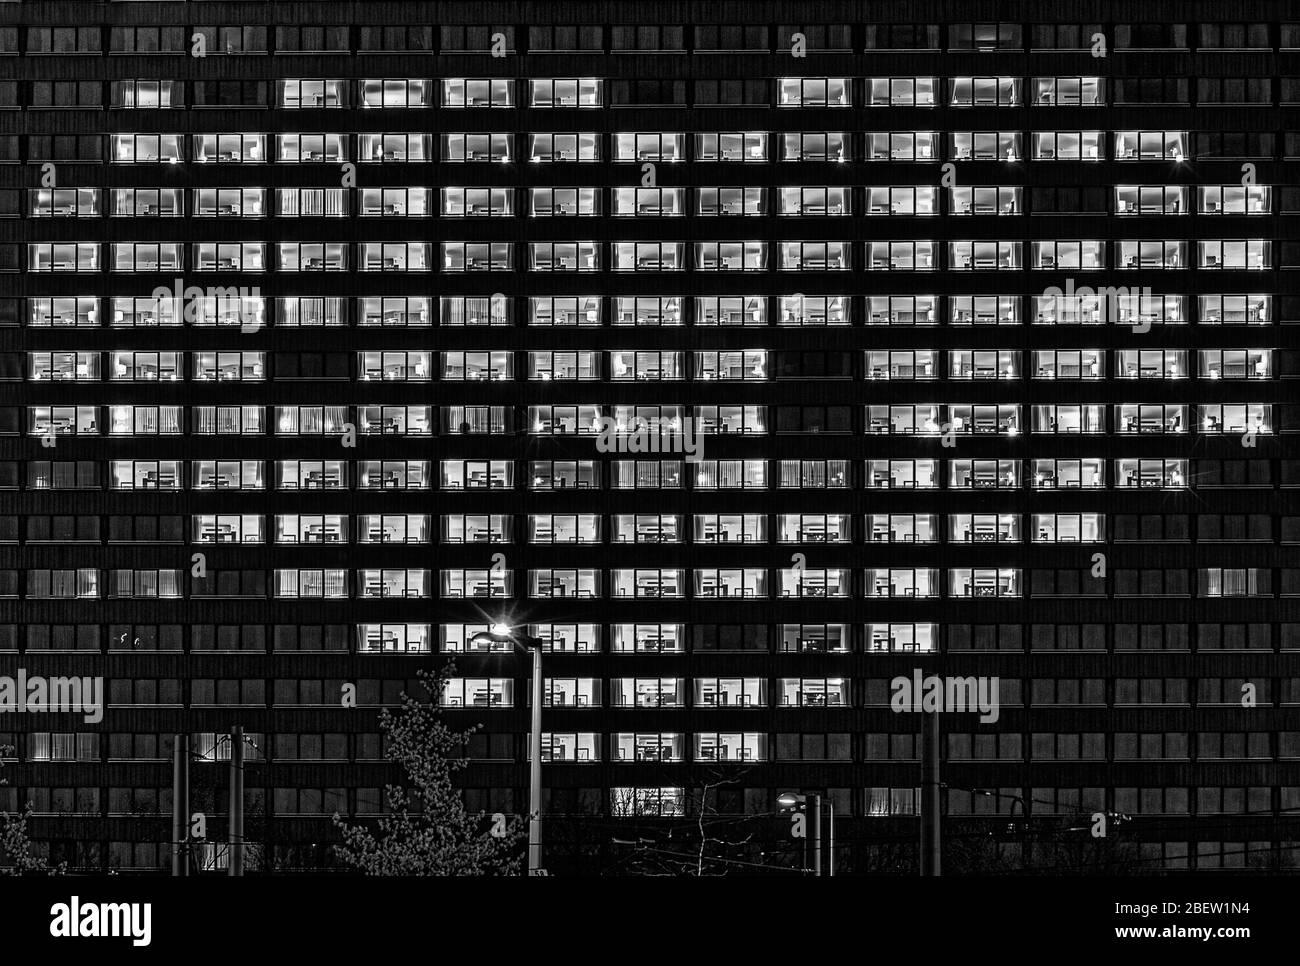 Forma de corazón ventanas iluminadas de un edificio como un gesto para las personas que apoyan a otros como ahora en tiempos duros de la corona virus simbólicamente en negro Foto de stock